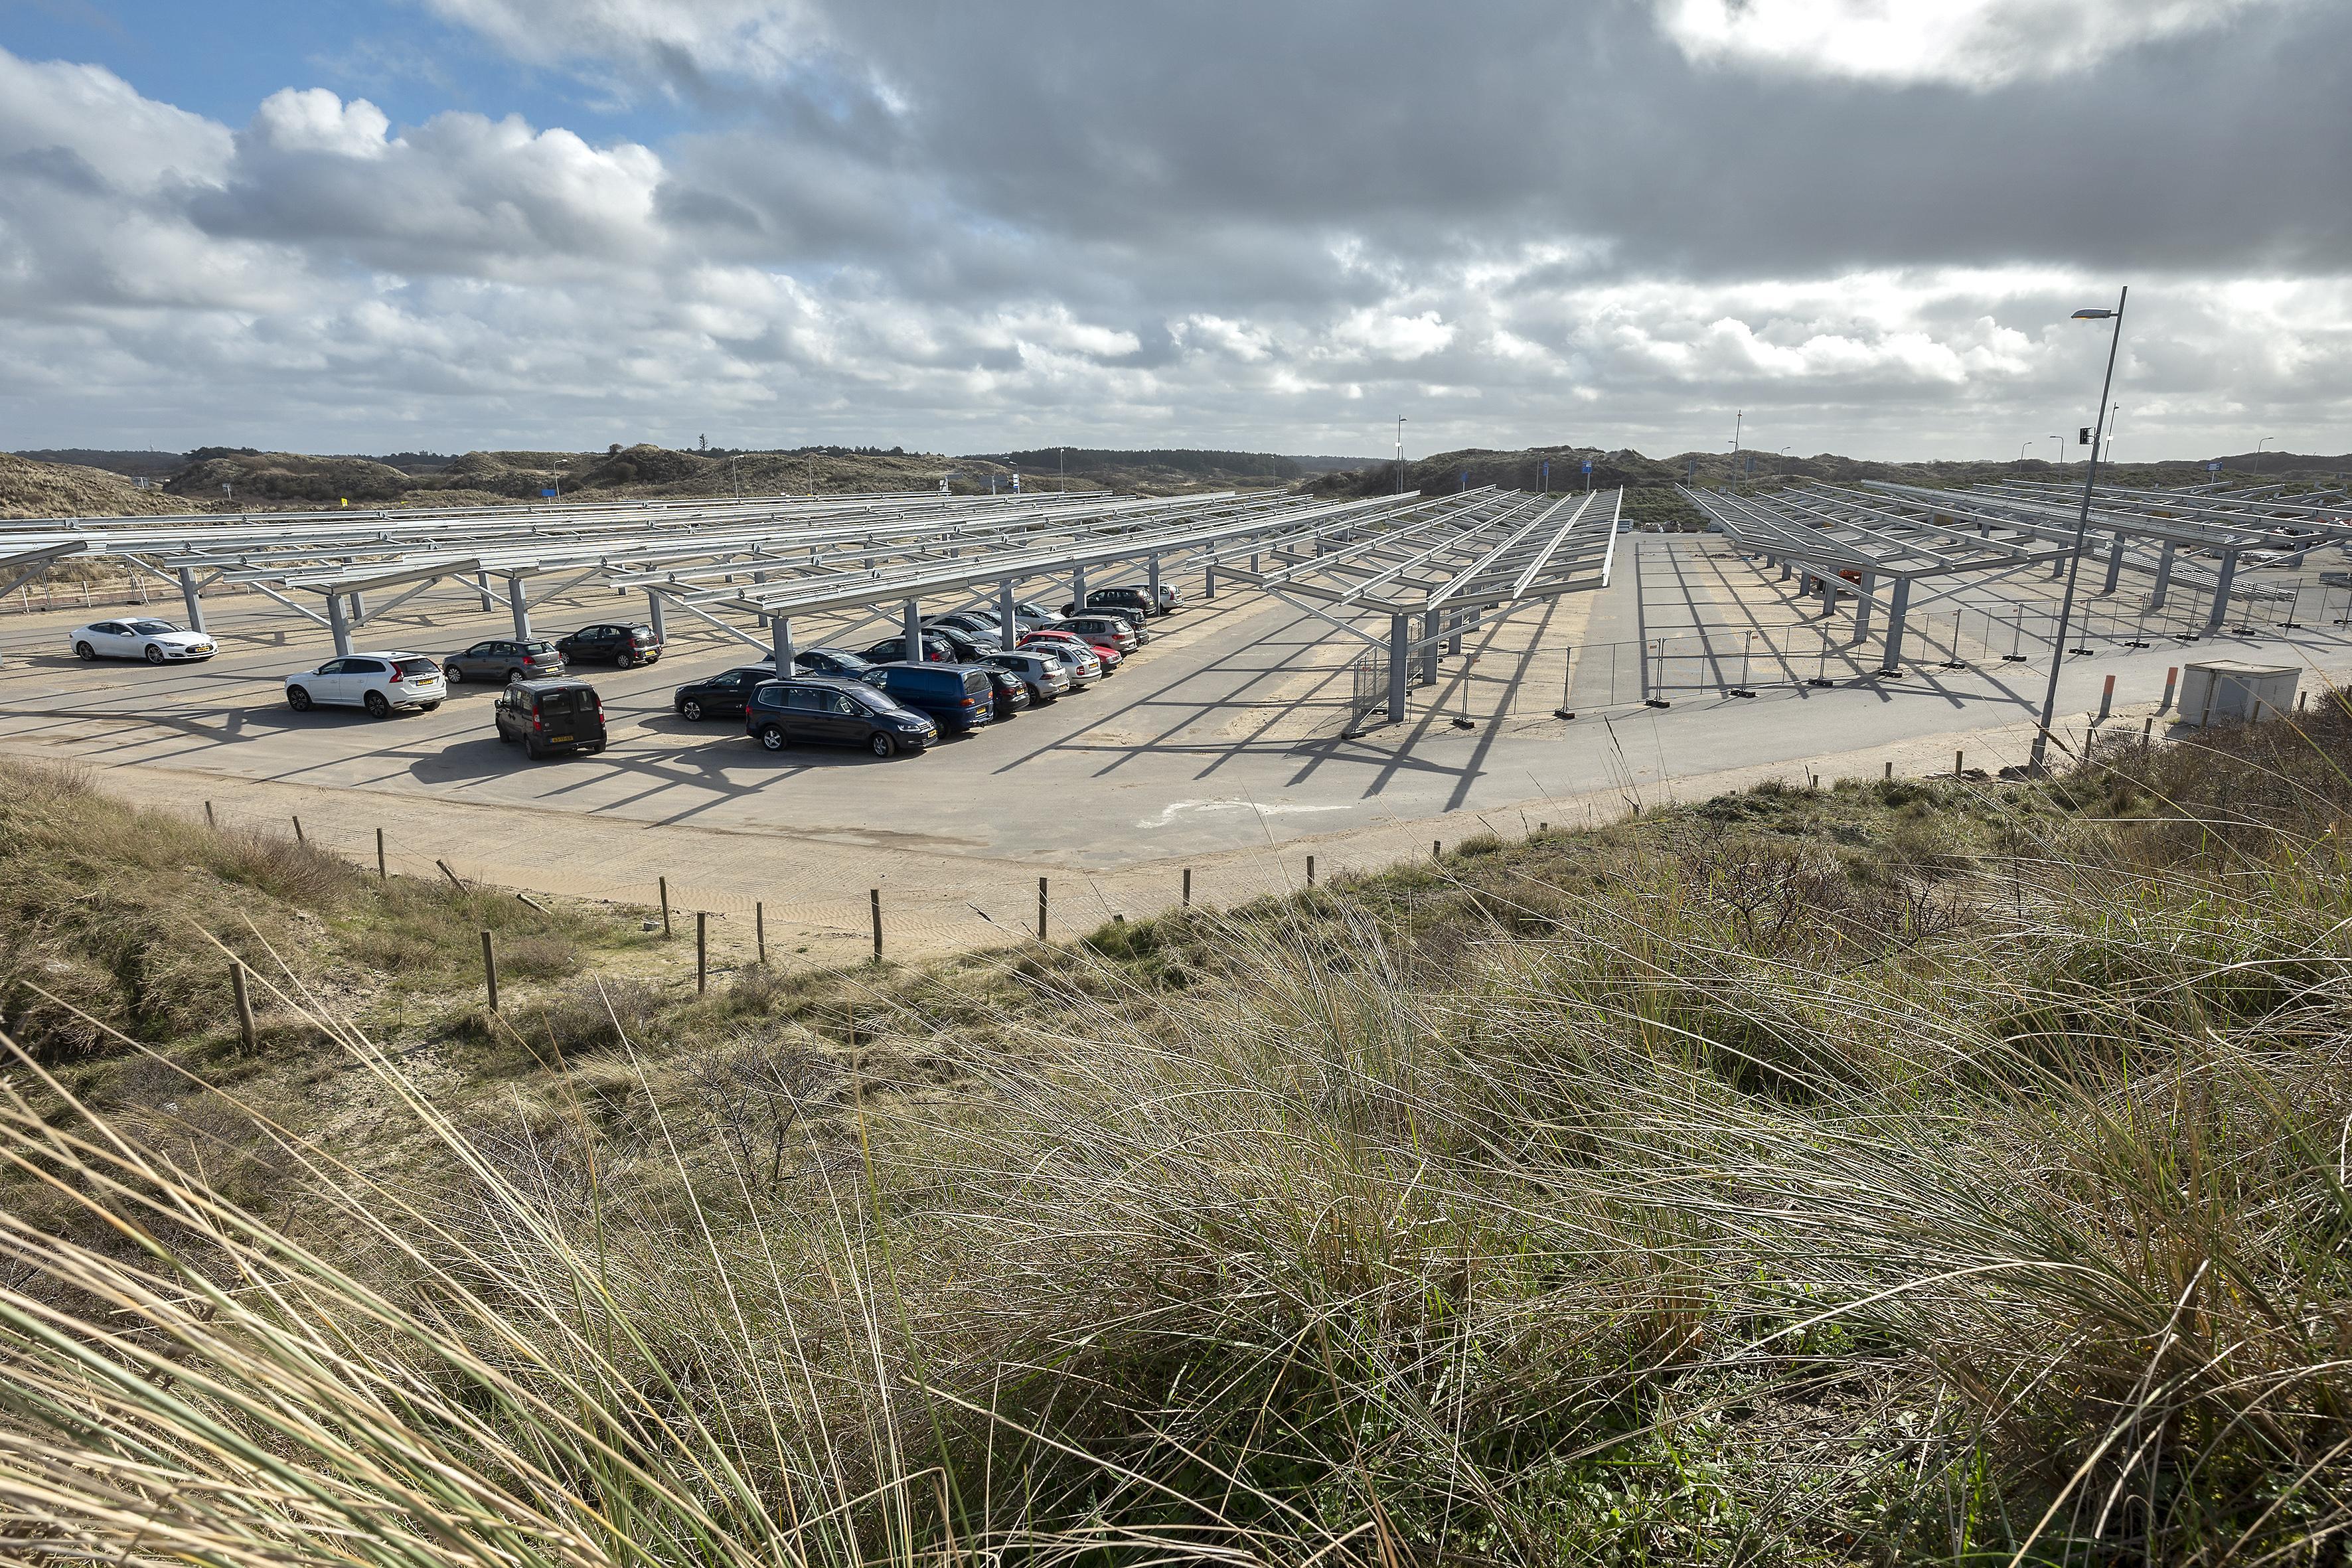 Contouren zonnepark op de kop van de Zeeweg in Bloemendaal steeds meer duidelijk